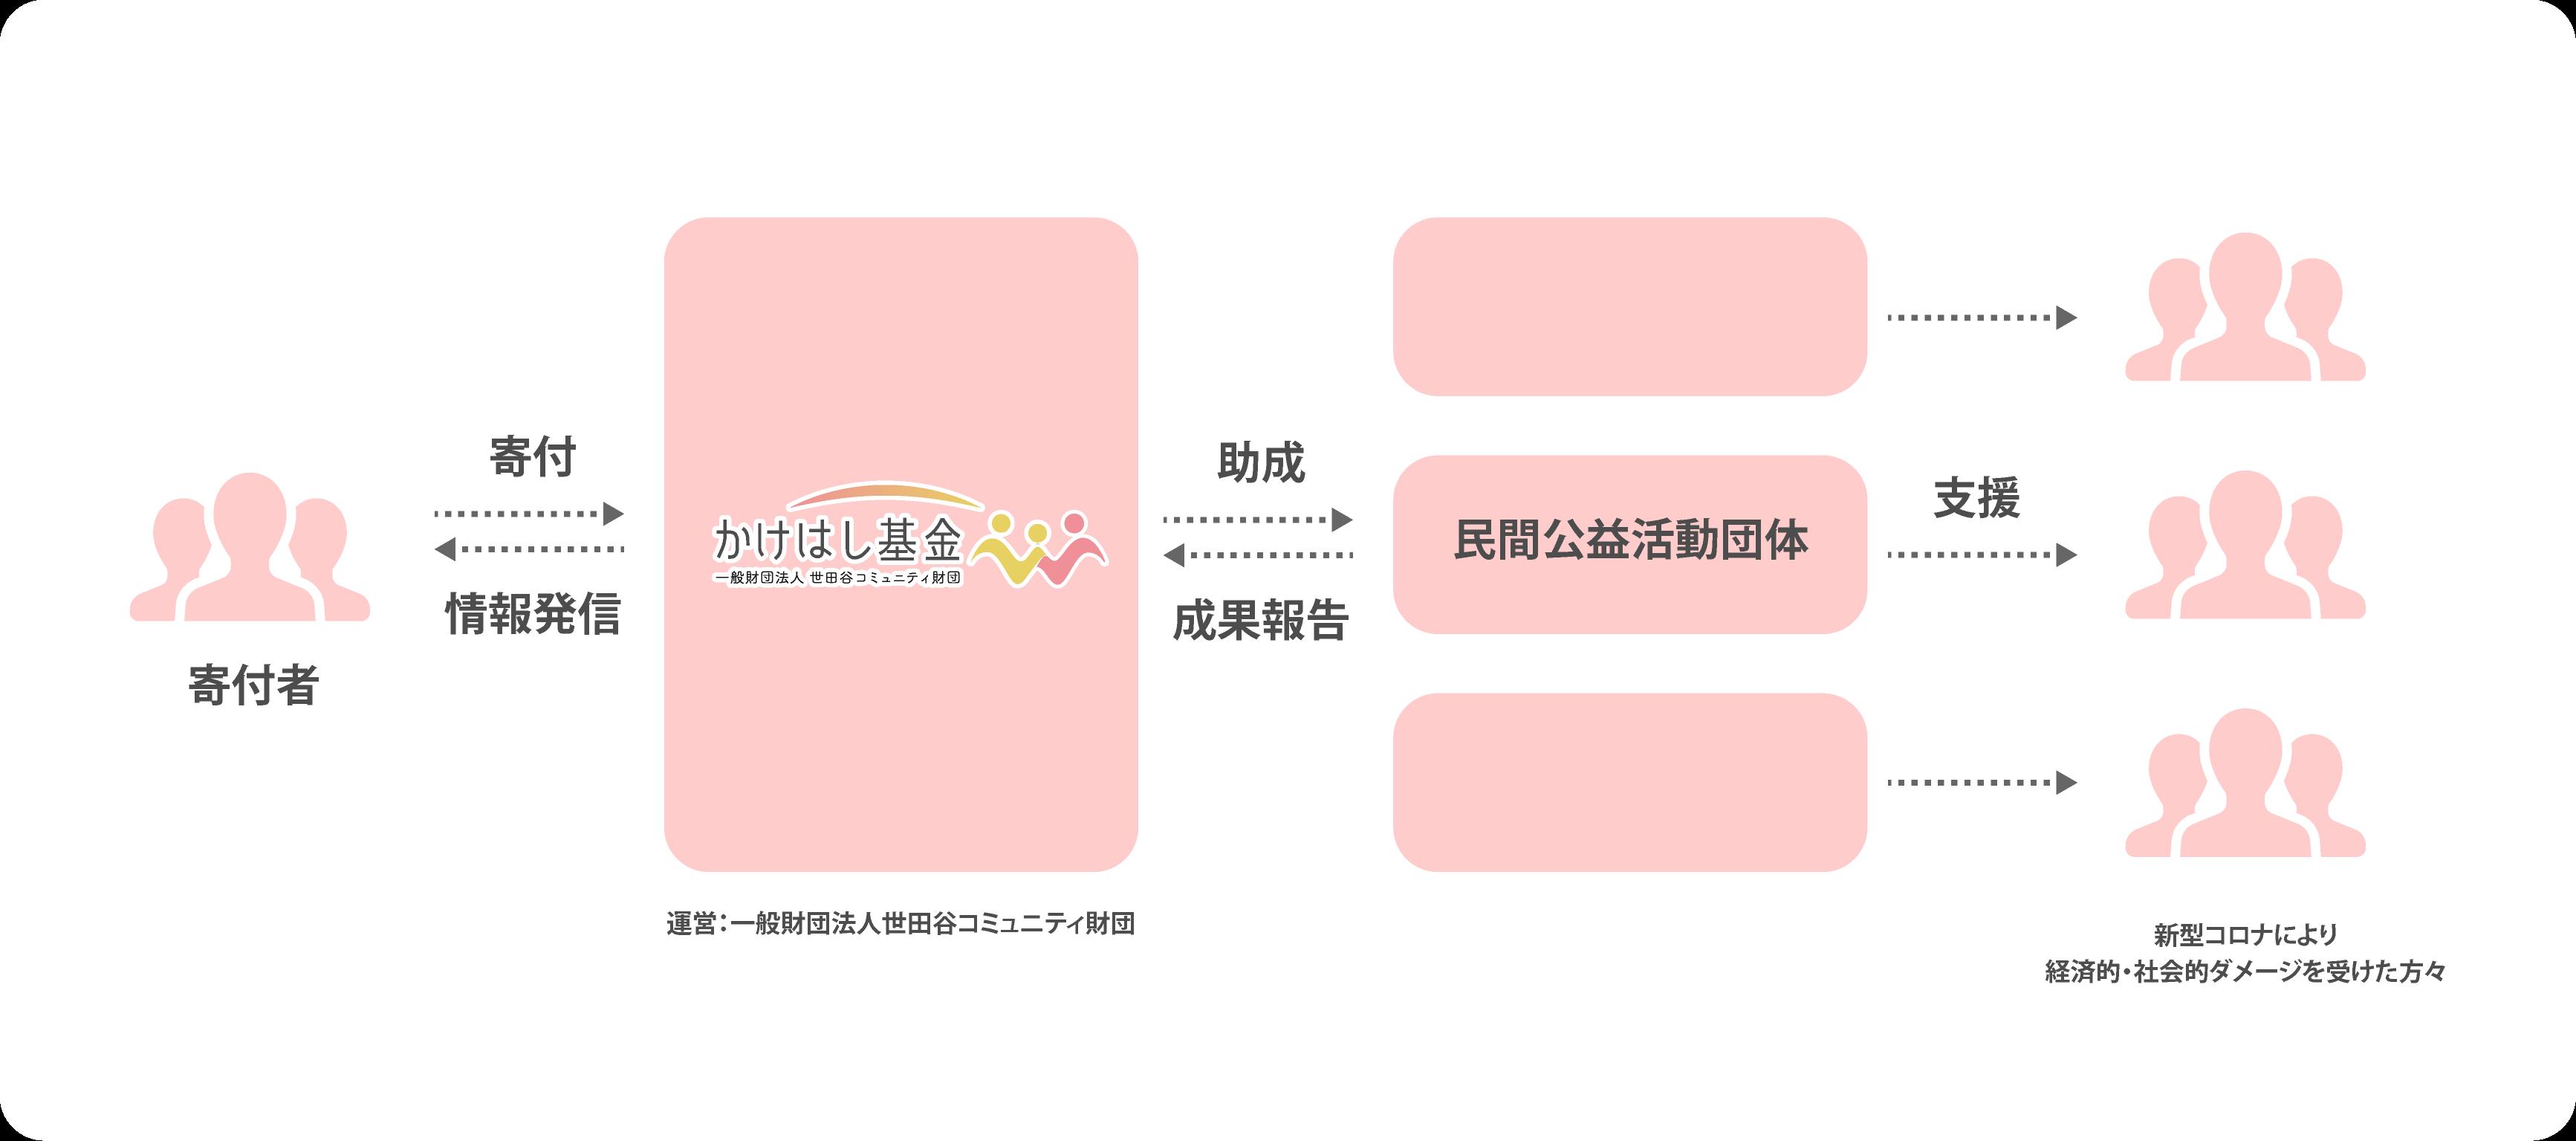 10 万 区 円 給付 世田谷